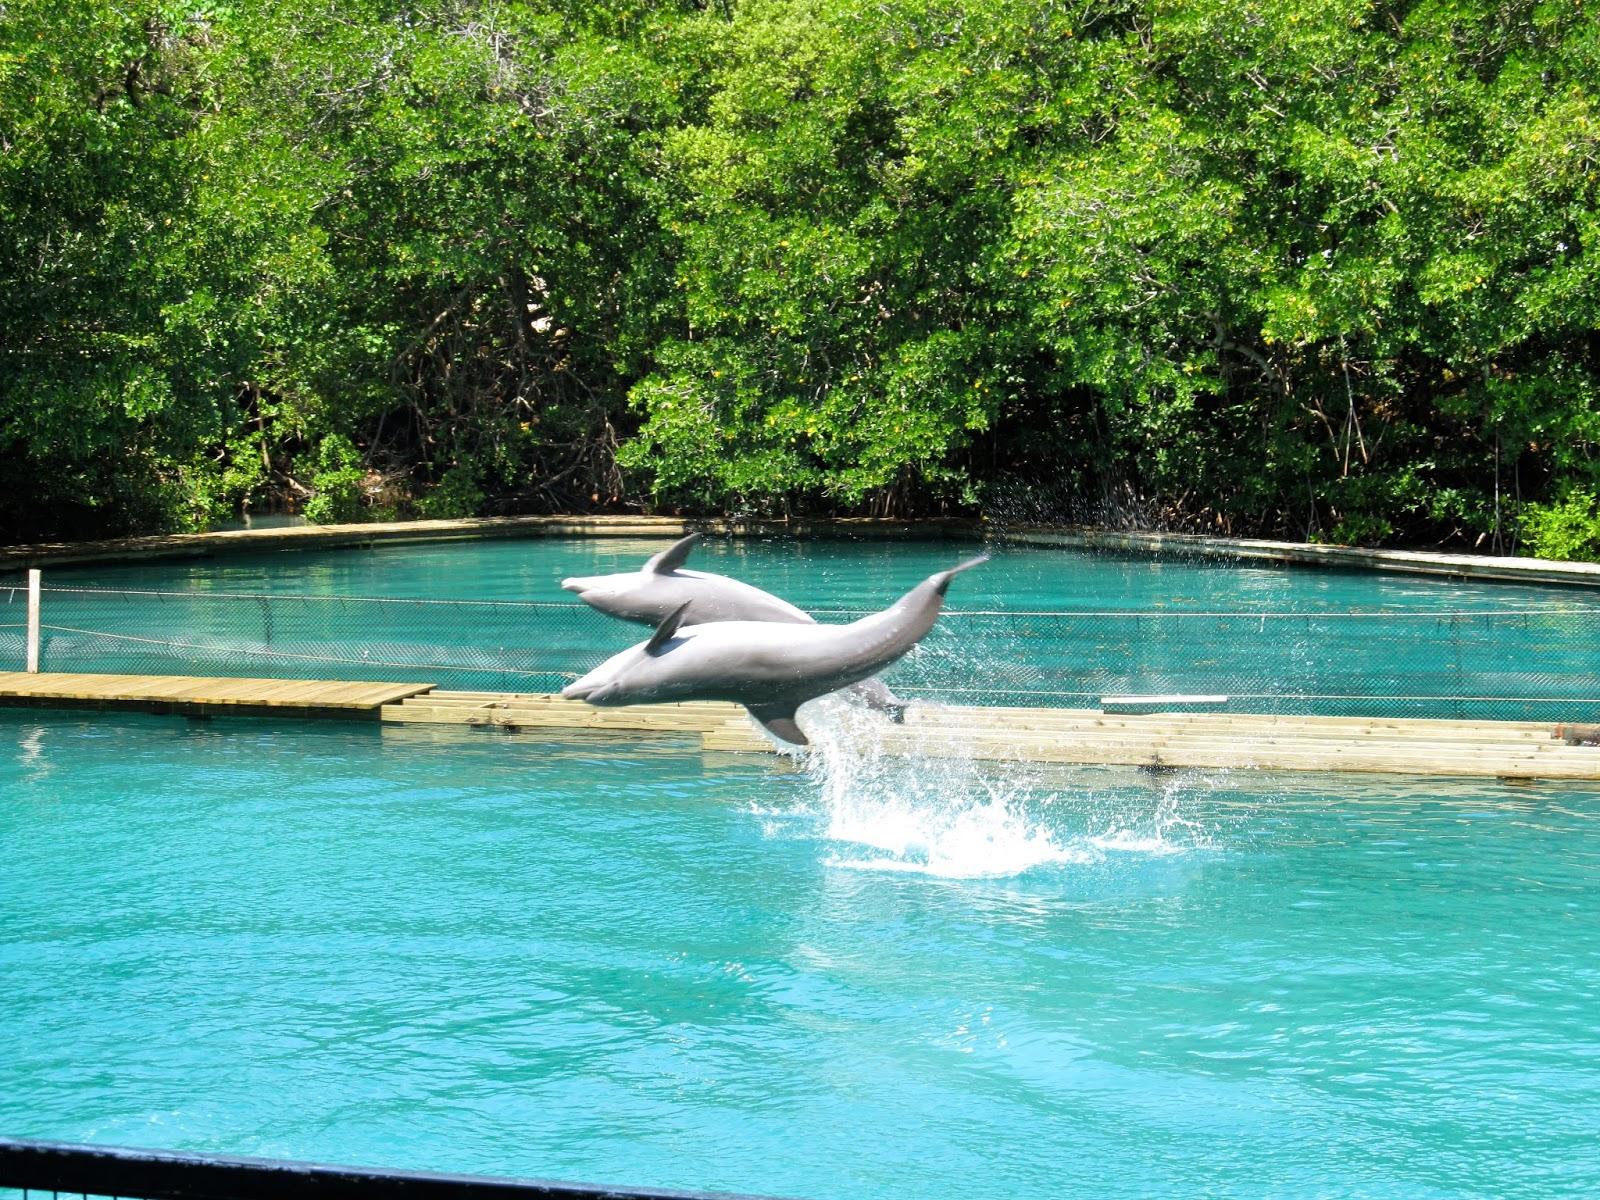 Dolphin Show Miami Seaquarium, FL - ouroutdoortravels.blogspot.com